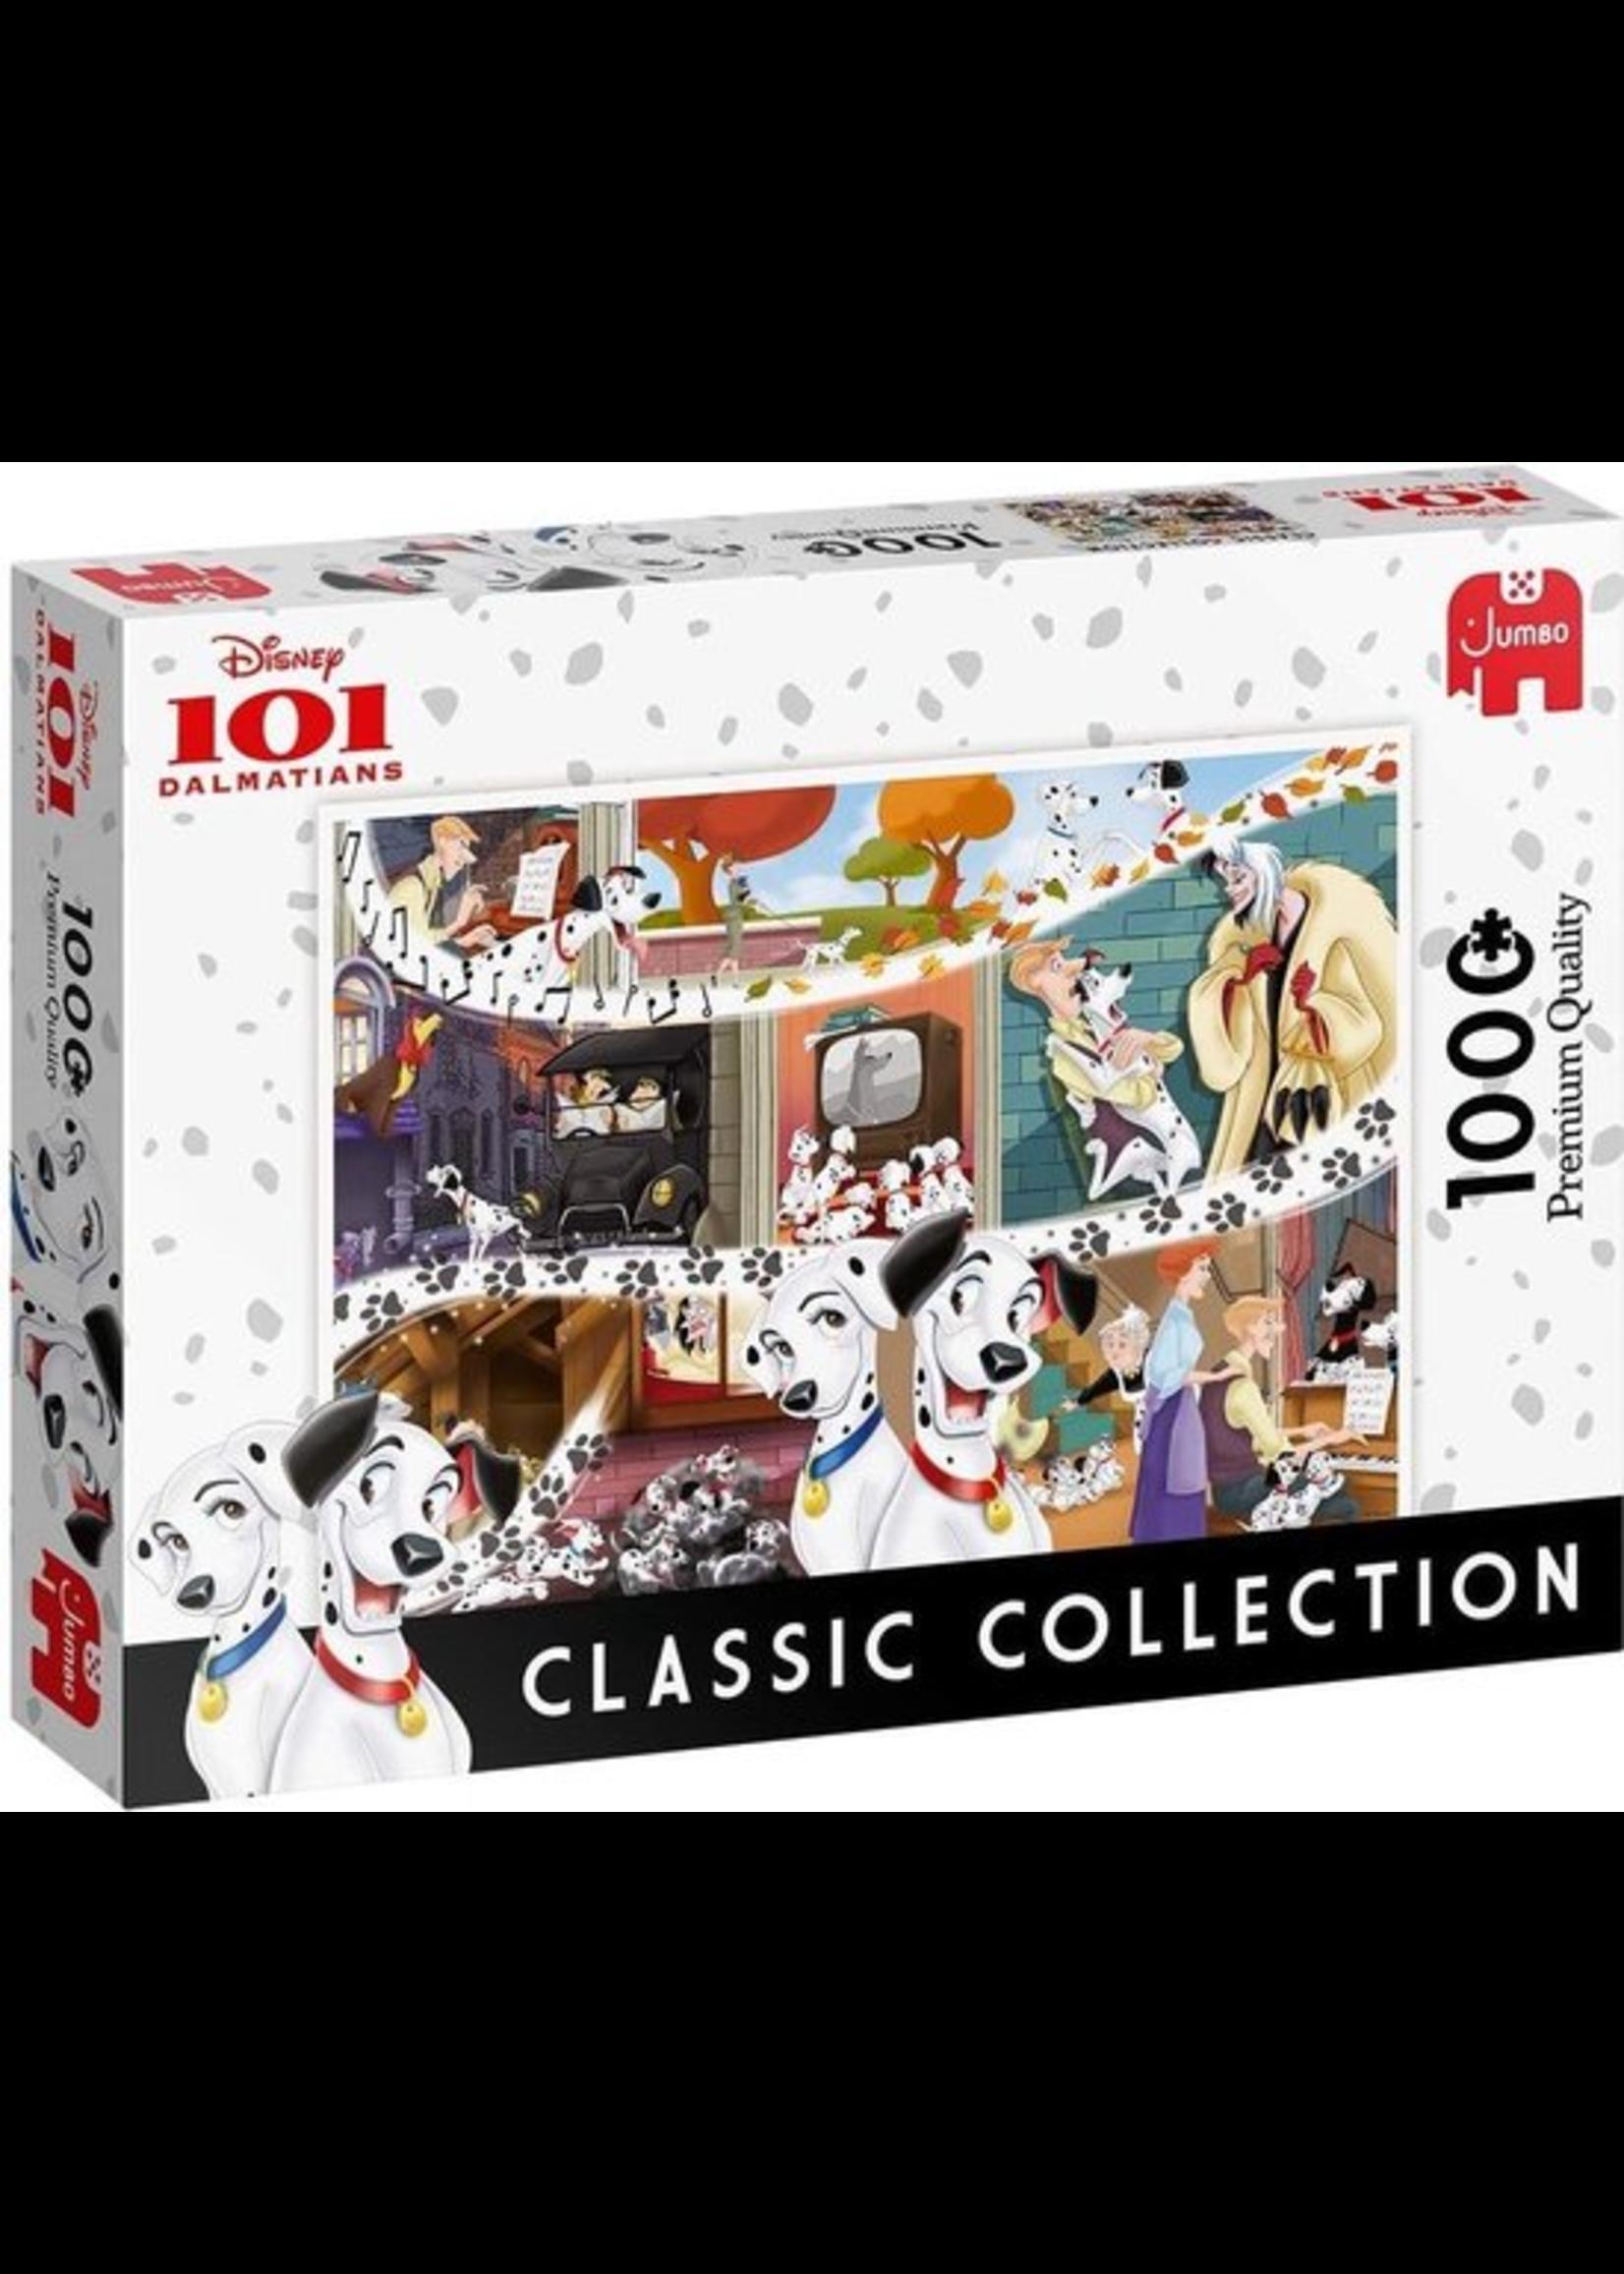 Disney Classic Collection 101 Dalmatians- 1000 St